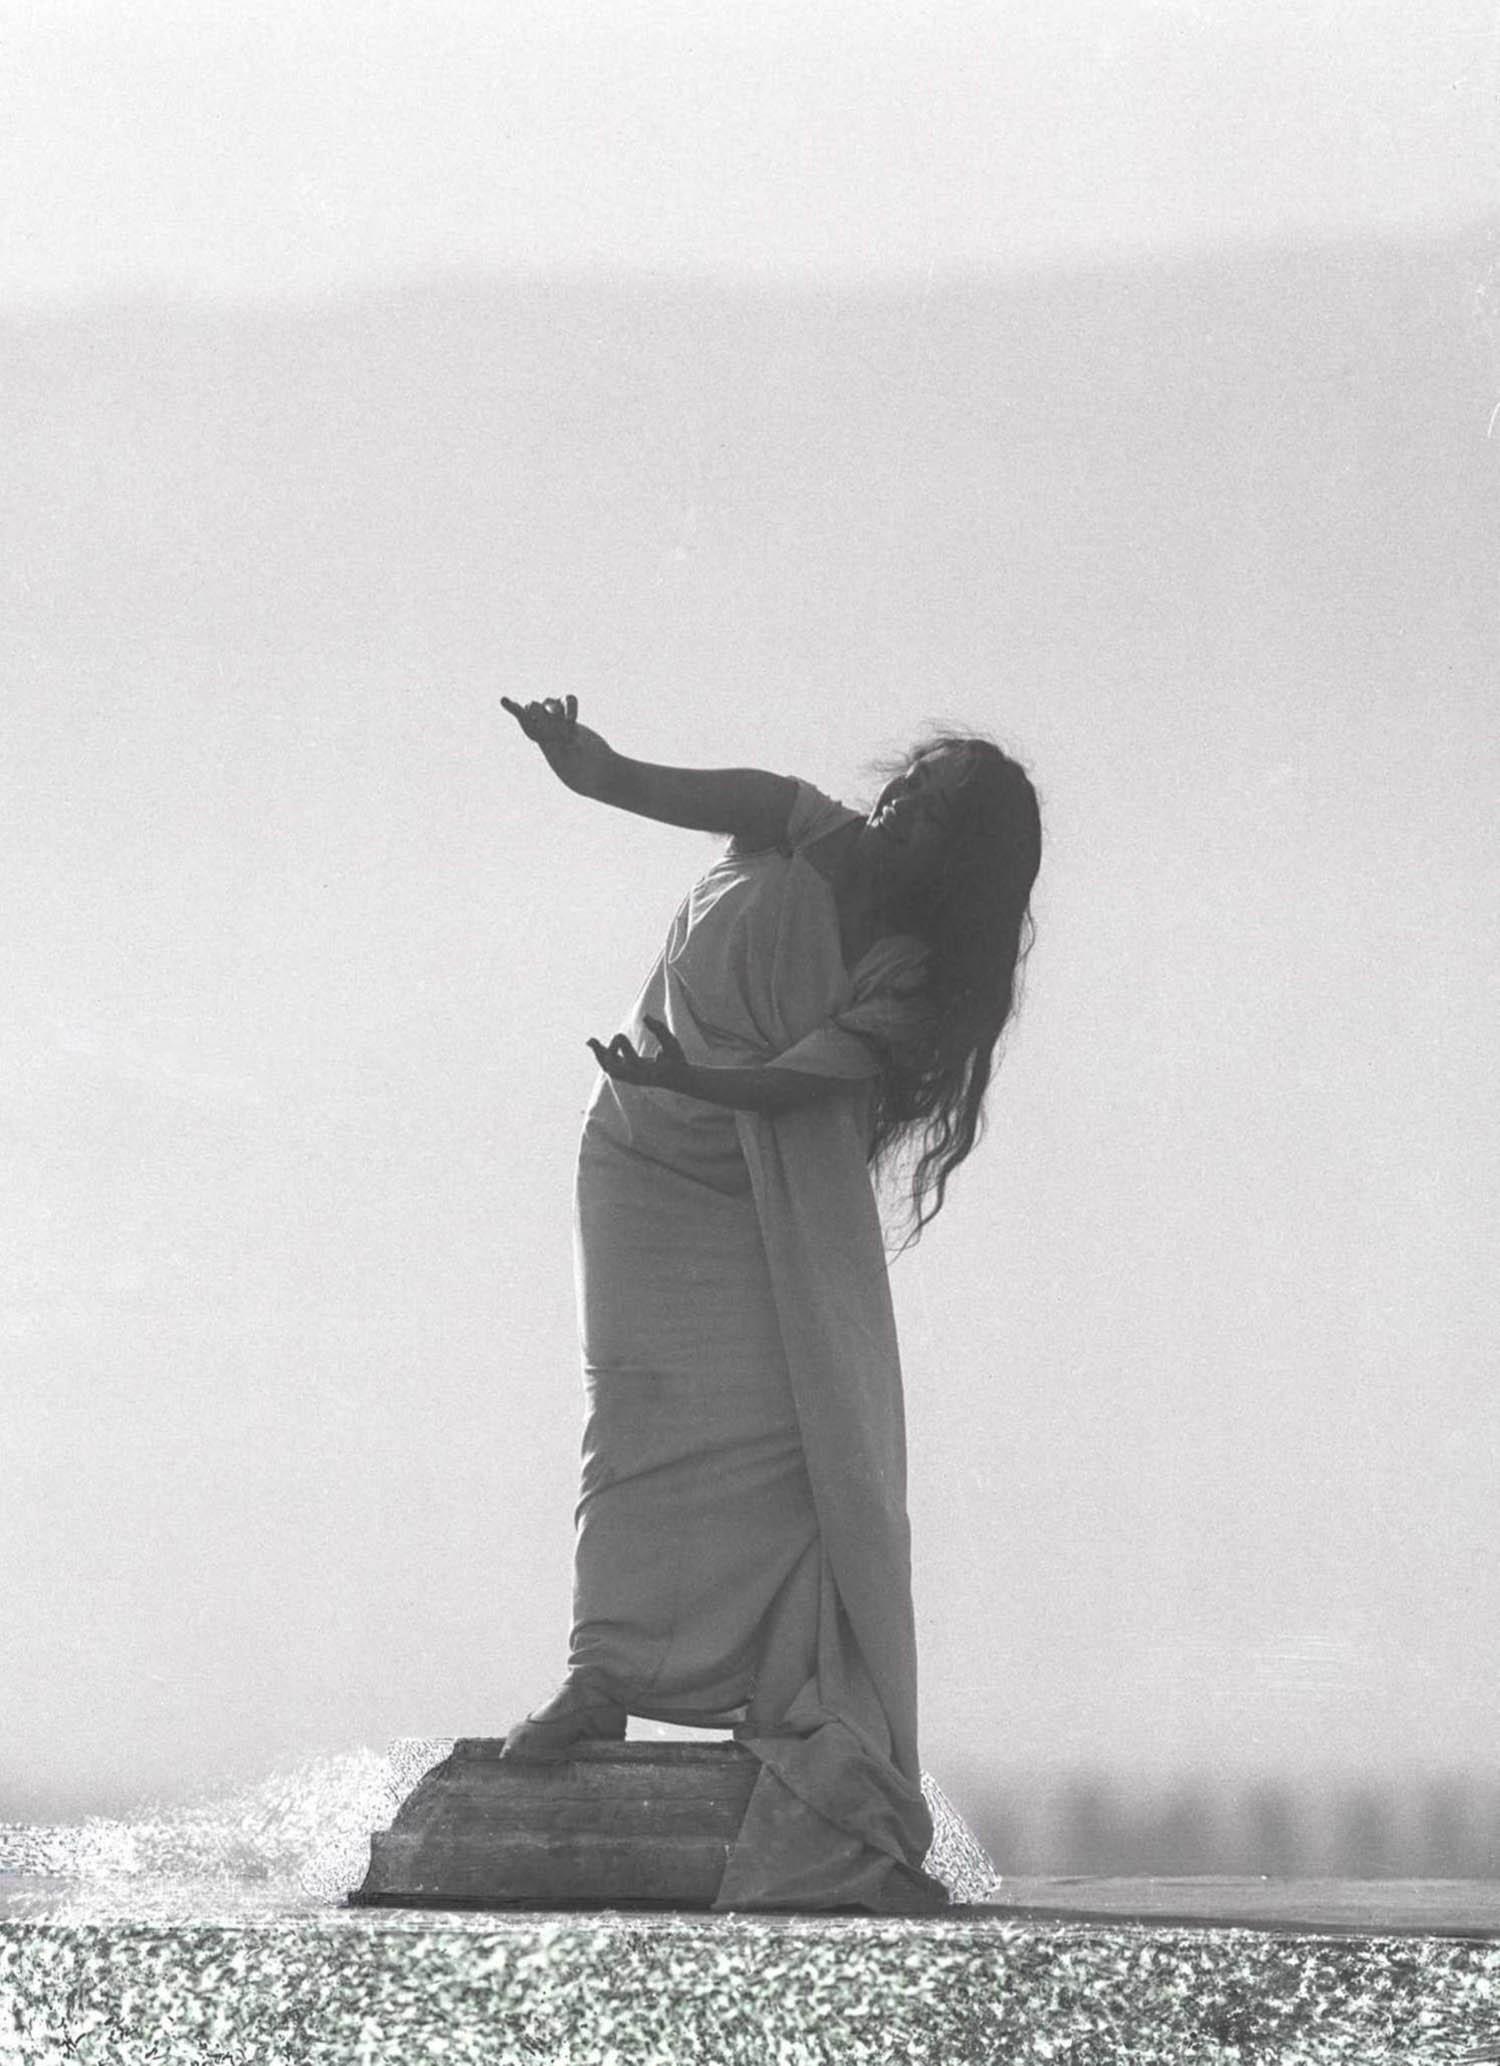 François Frédéric dit Fred Boissonnas - Magdeleine G. dansant Automne, hypnotisée par Emile Magnin, 1902-1904 Négatif au gelatino-bromure d'argent sur verre